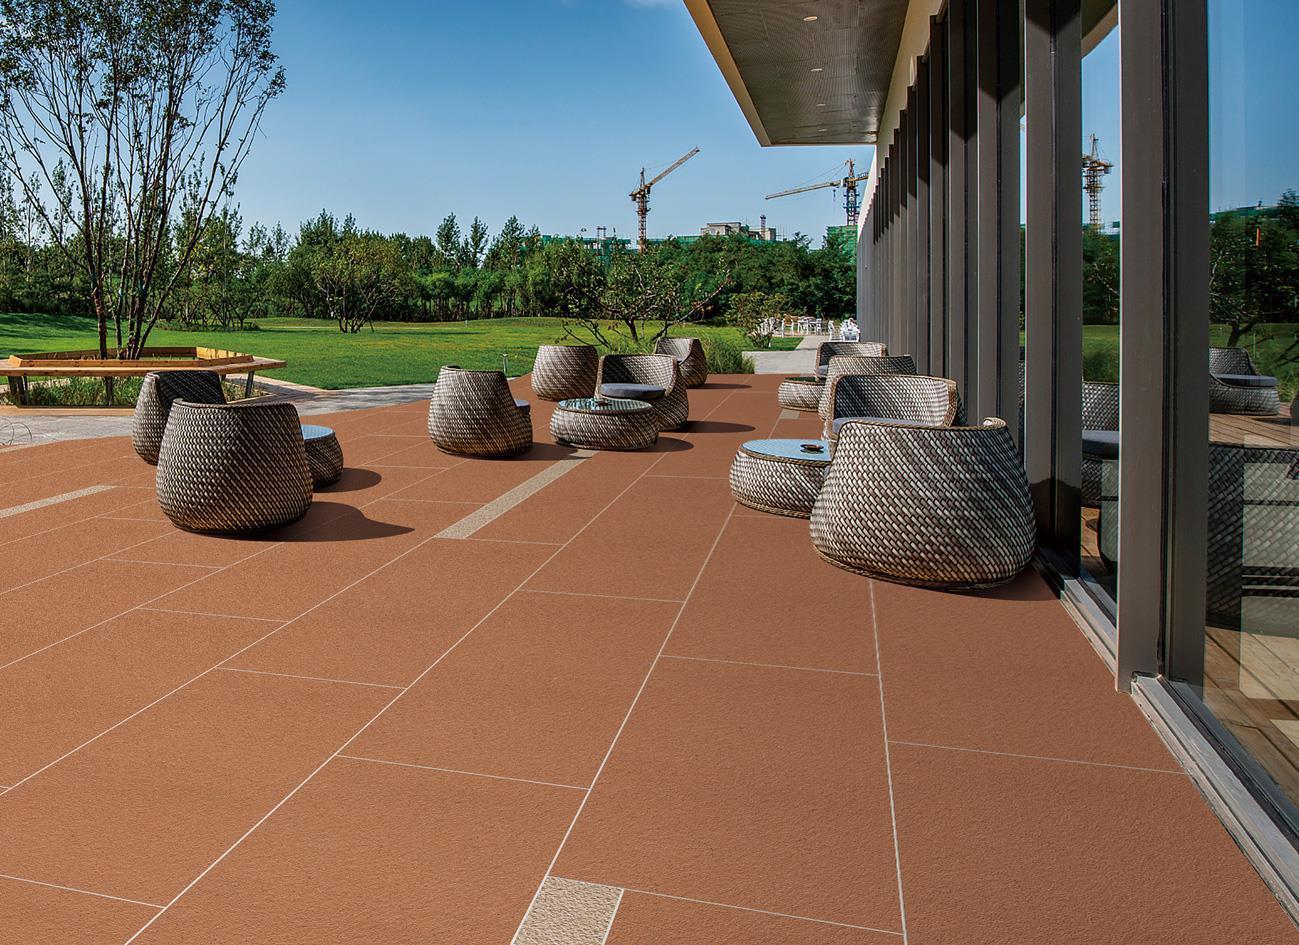 室外专用地面砖:2cm石英砖瓷砖厚板该如何保养?